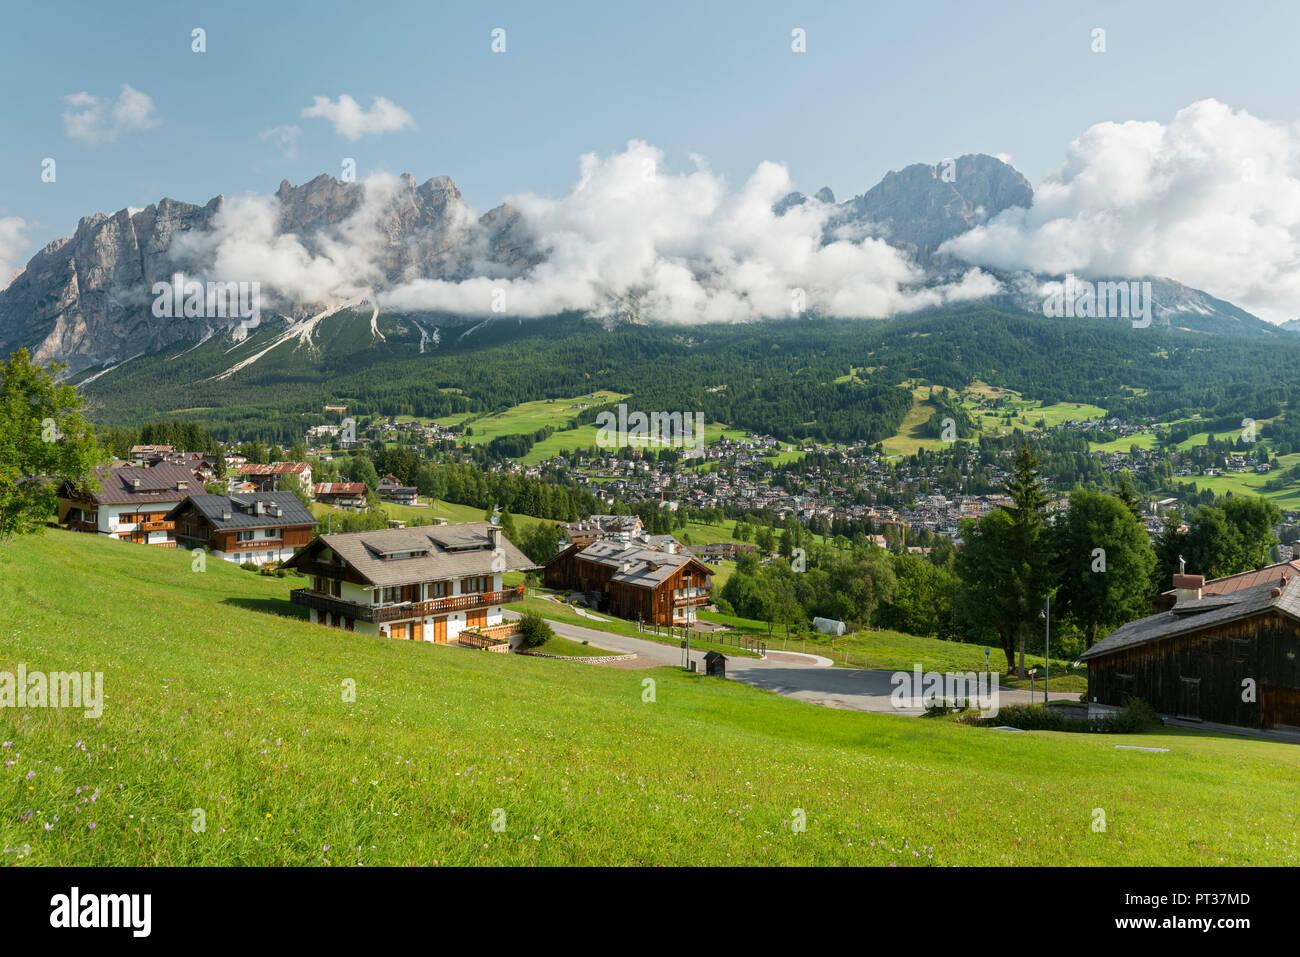 Cortina d'Ampezzo, Monte Cristallo, Veneto, Italy - Stock Image